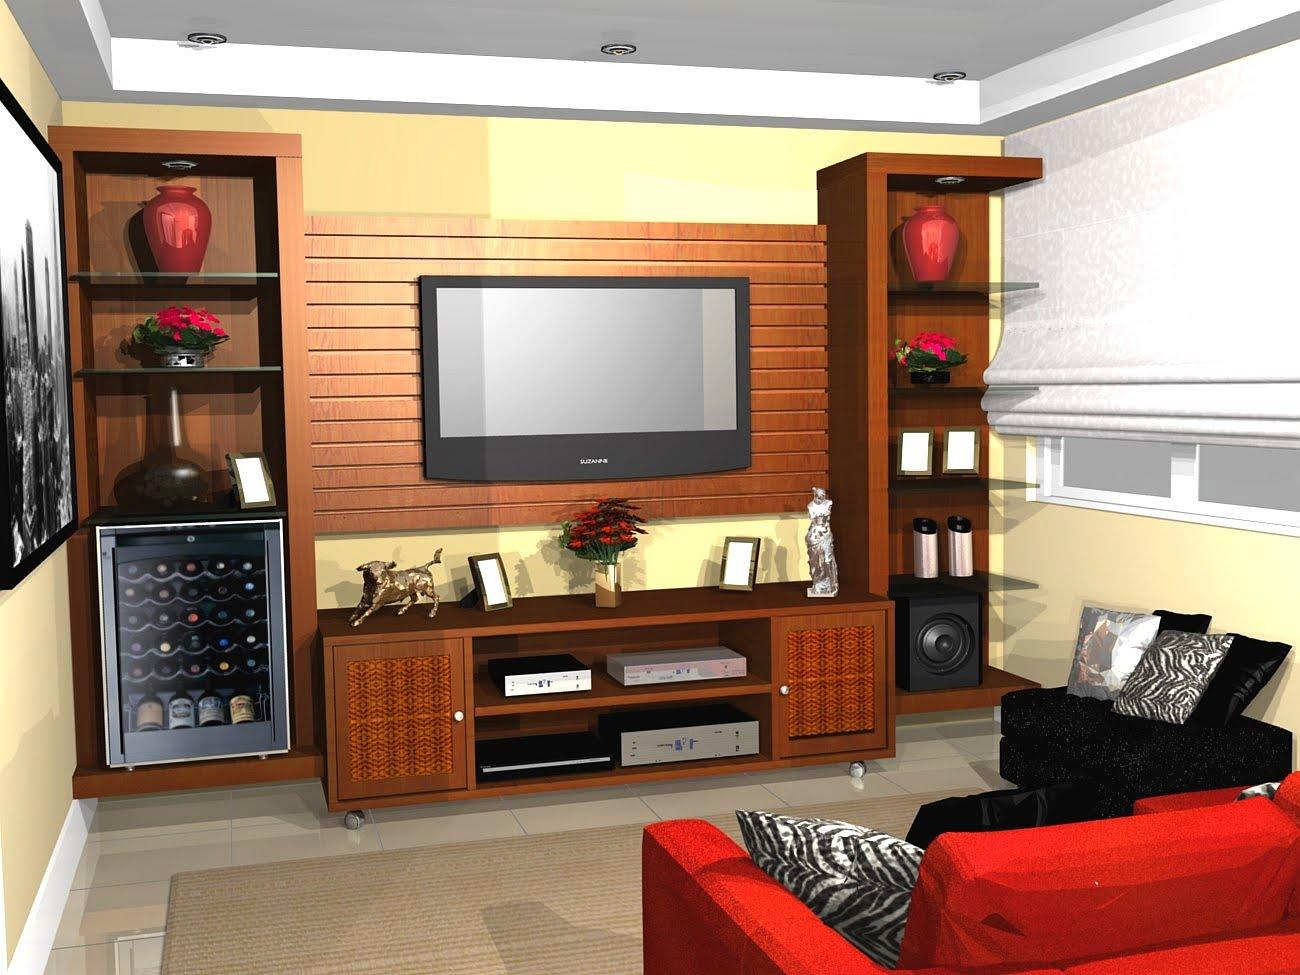 m veis planejados marcenaria casacor noivas painel laca arm rios projetos 11 3976 8616 1 home. Black Bedroom Furniture Sets. Home Design Ideas